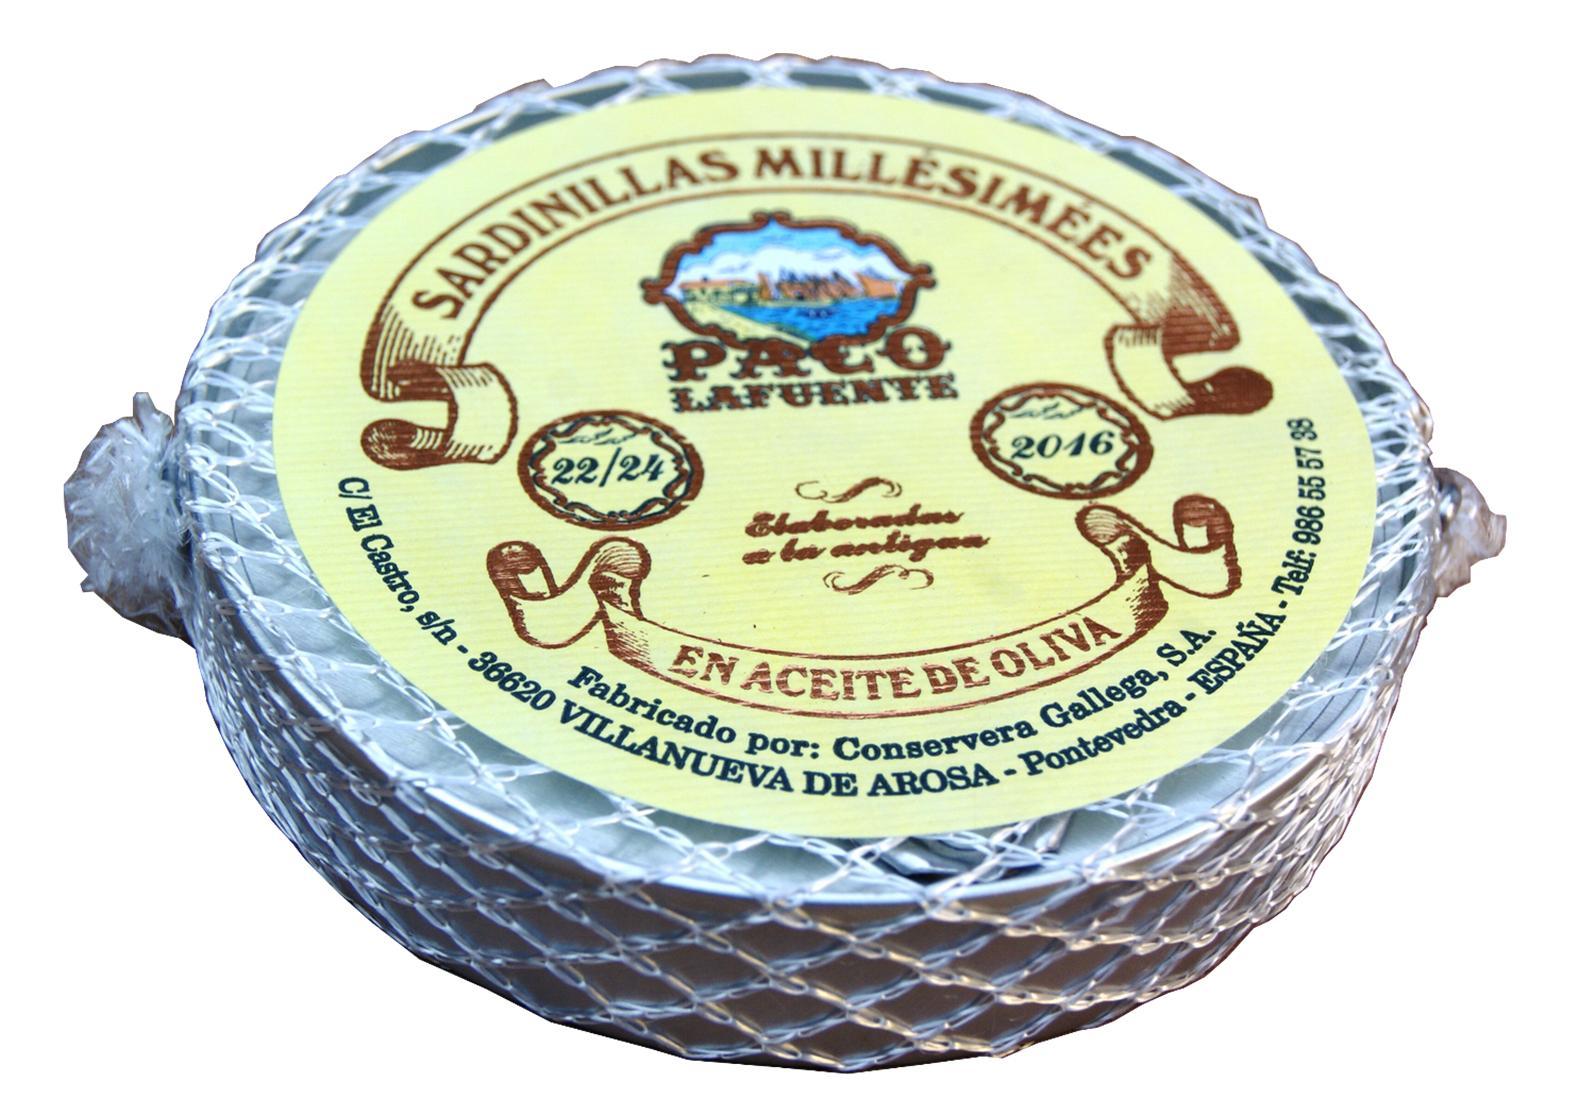 Petites sardines millésimées à l'huile d'olive - Paco Lafuente - Conserves de poissons de Galice